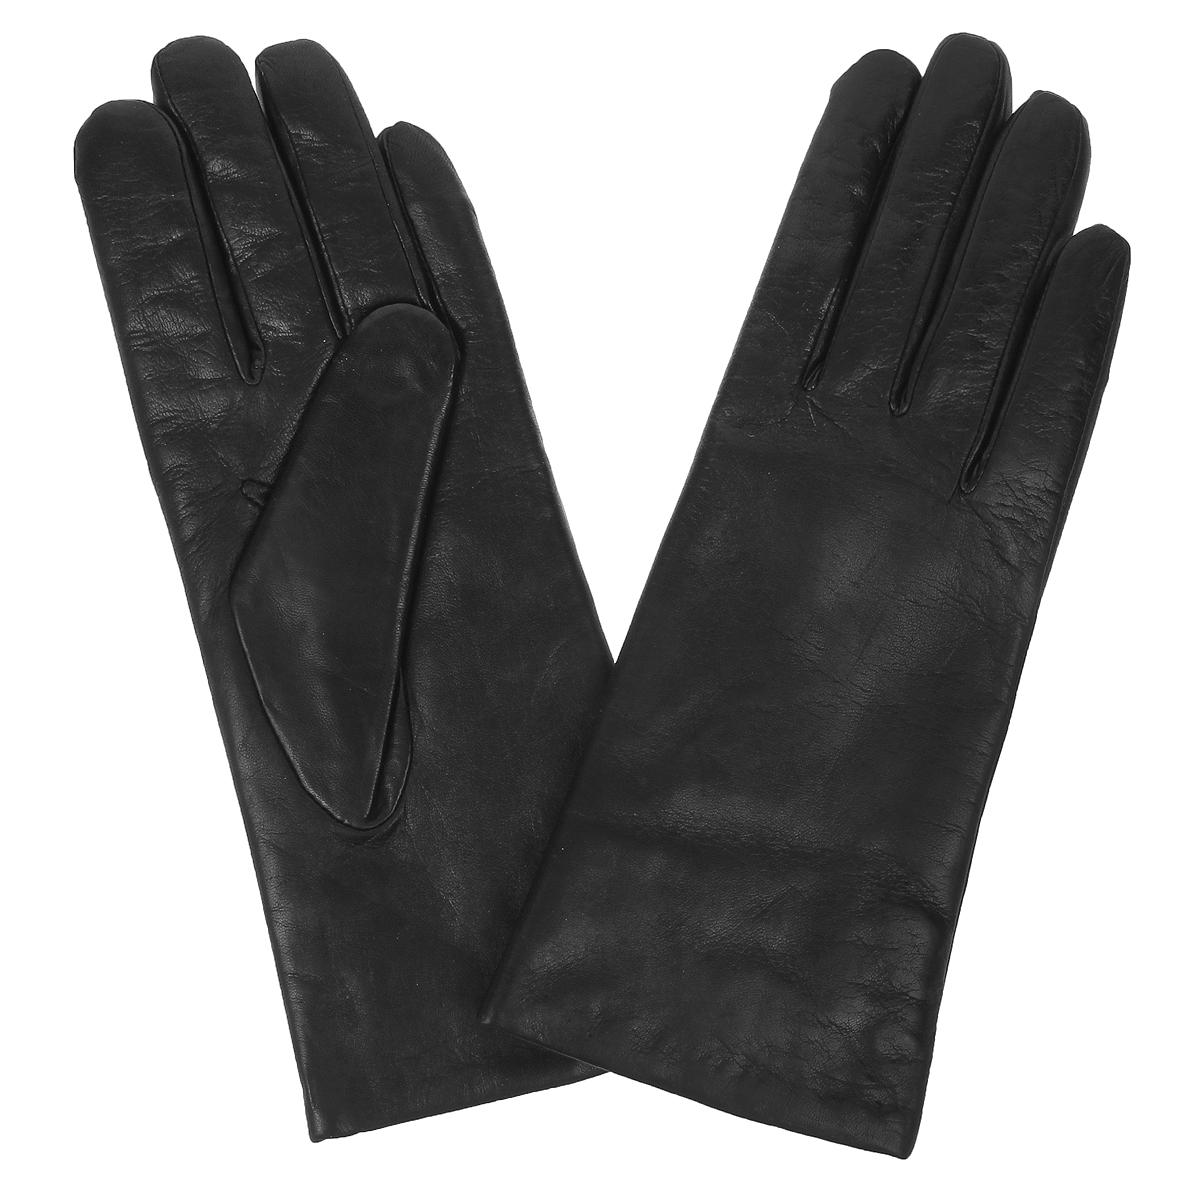 Перчатки женские. F9704F9704Стильные женские перчатки Baggini не только защитят ваши руки от холода, но и станут великолепным украшением. Перчатки выполнены из чрезвычайно мягкой и приятной на ощупь натуральной кожи ягненка на подкладке из меха ягненка. В настоящее время перчатки являются неотъемлемой принадлежностью одежды, вместе с этим аксессуаром вы обретаете женственность и элегантность. Перчатки станут завершающим и подчеркивающим элементом вашего стиля и неповторимости.